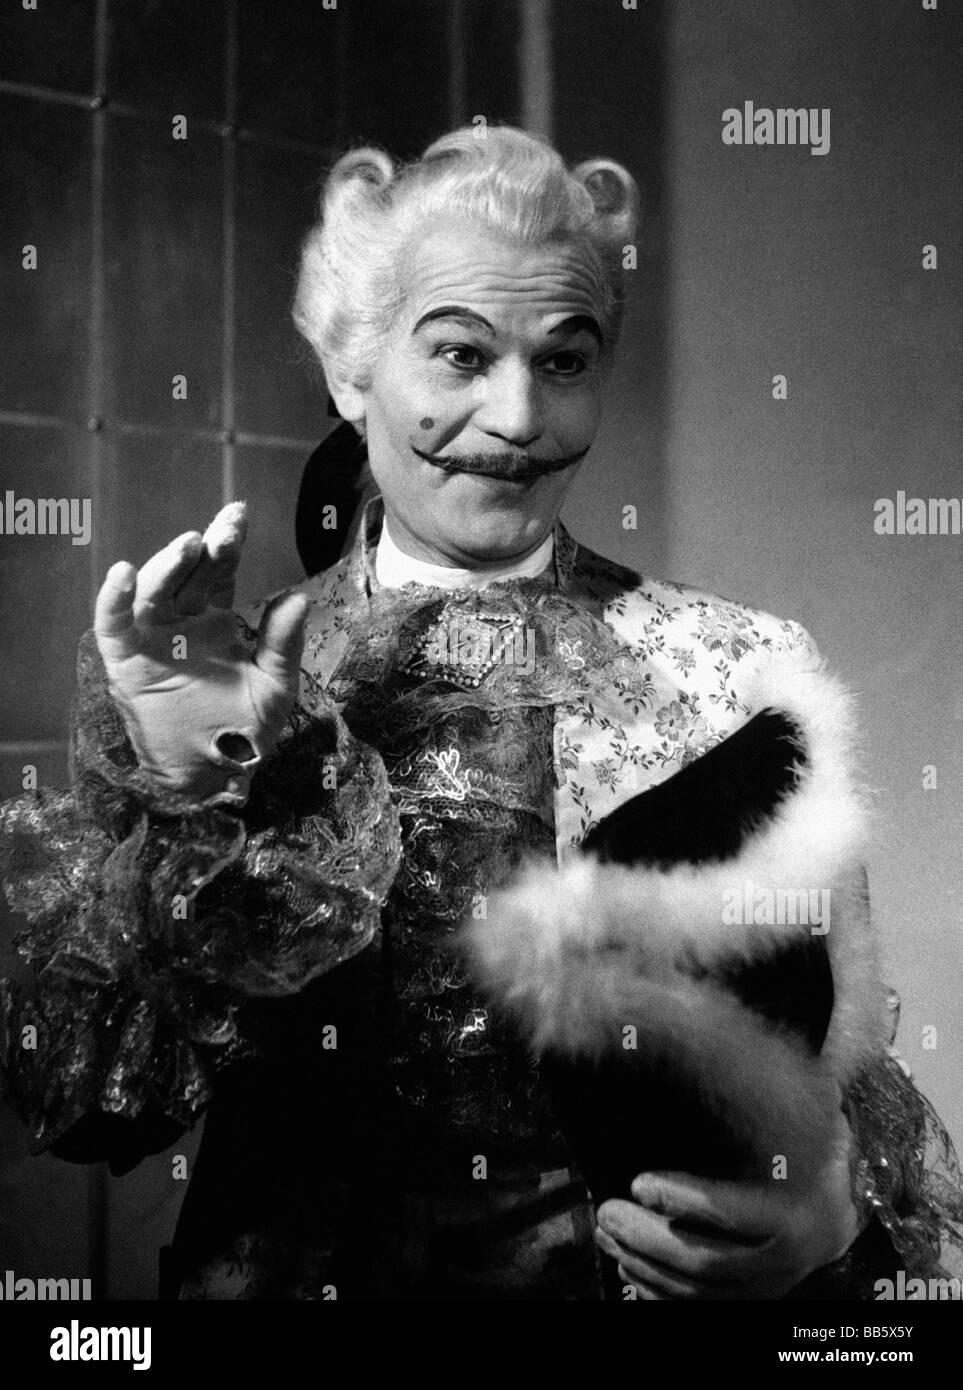 Deltgen, Rene, 30.4.1909 - 29.1.1979, Luxembourgian actor, half length, in the theatre play 'Minna von Barnhelm', - Stock Image